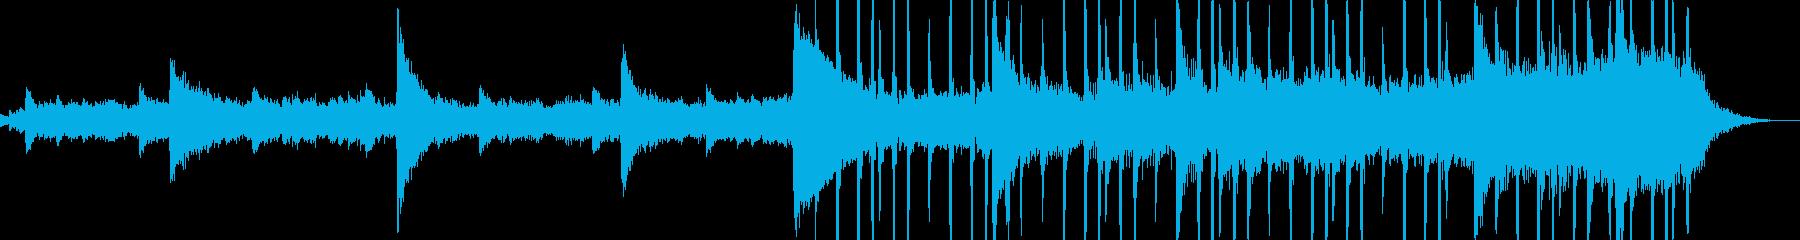 優しい旋律のピアノ、ブレイクビーツの再生済みの波形